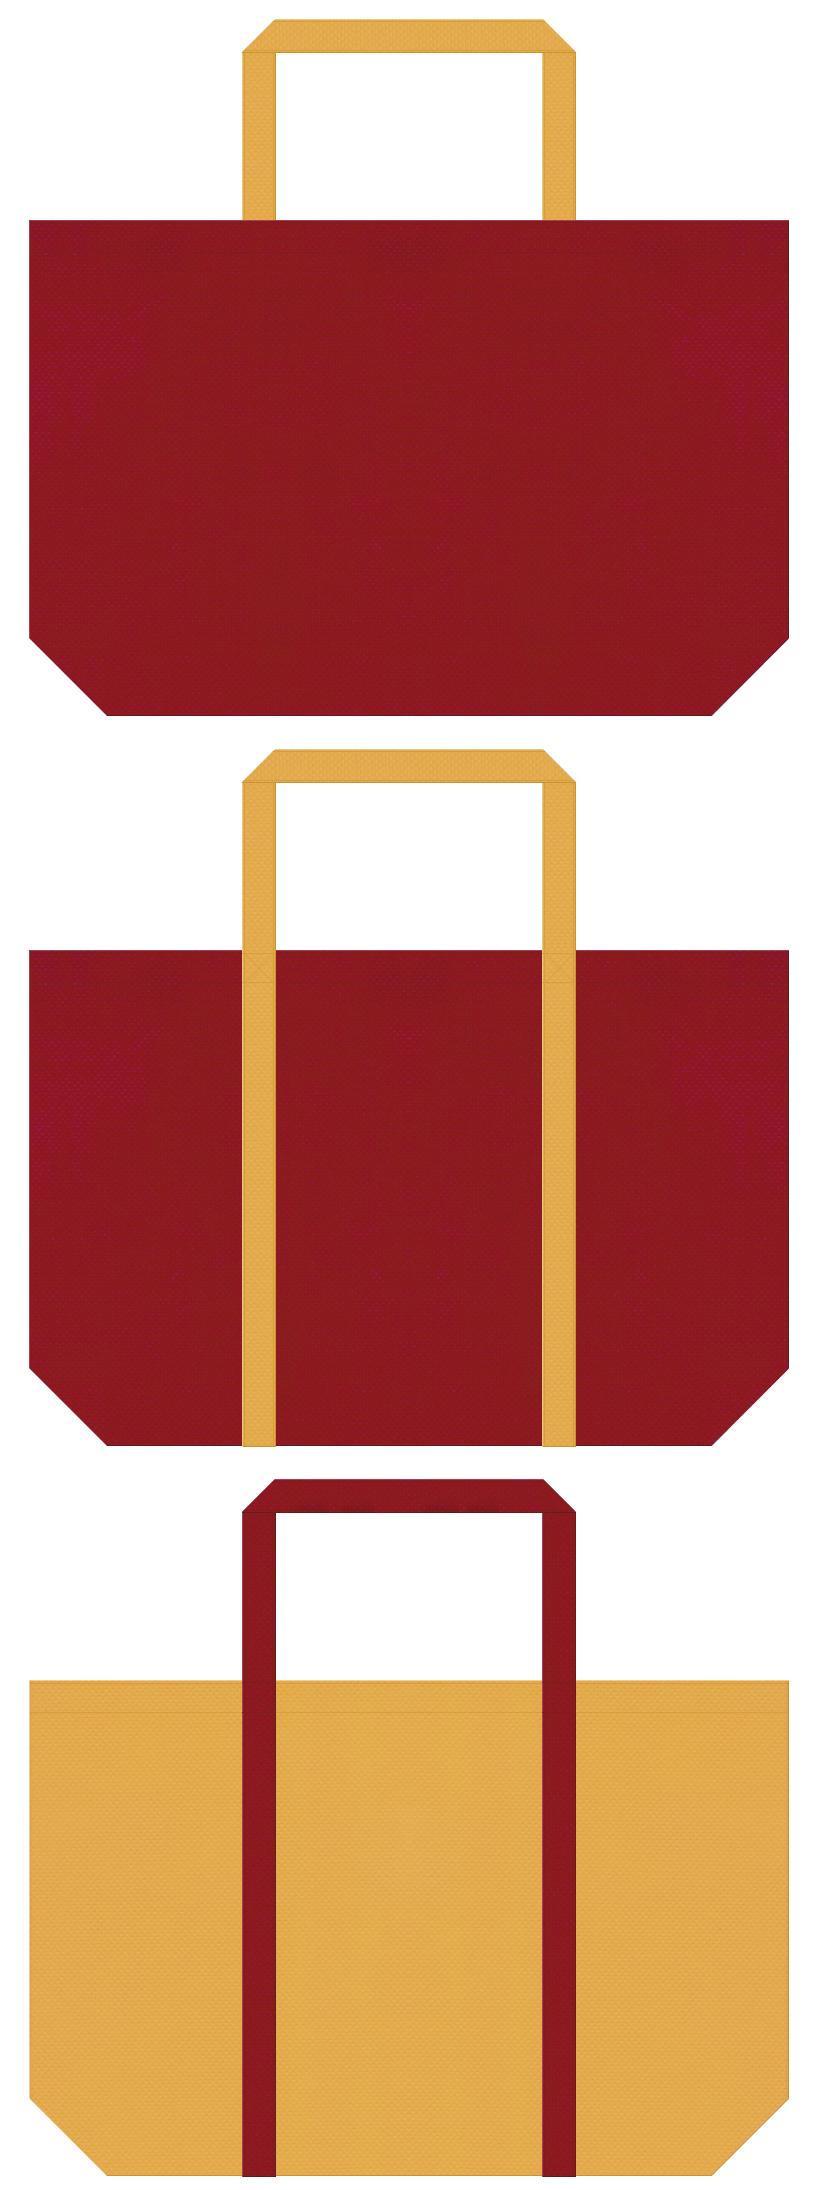 和風装飾・演出・和風ディスプレイ・舞台・演芸場・寄席・満員御礼・和風催事・海老・煎餅・和菓子の福袋にお奨め:エンジ色と黄土色の不織布ショッピングバッグのデザイン